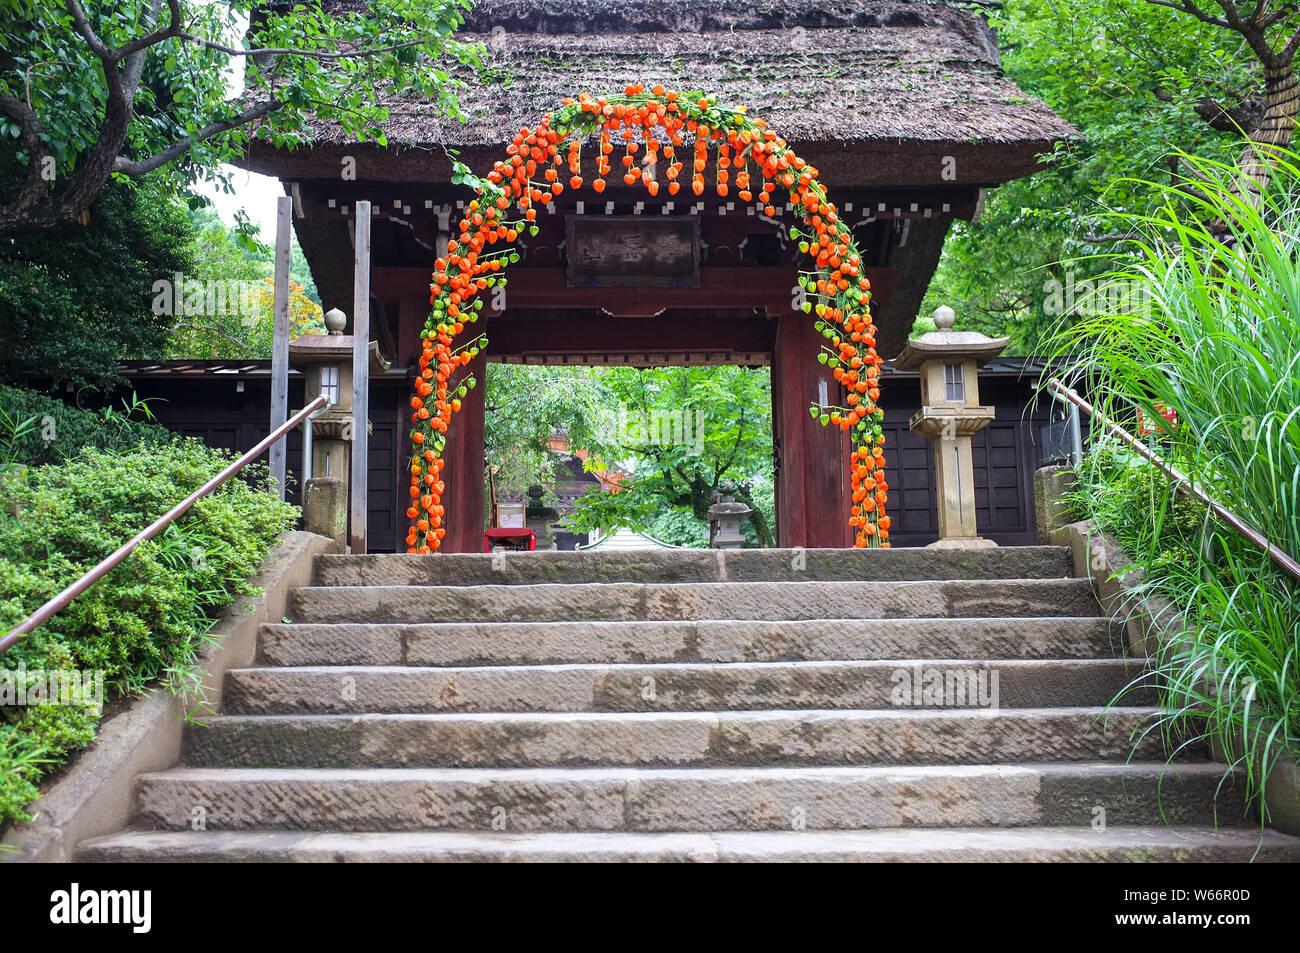 san-mon-or-main-gate-of-the-jindaiji-in-